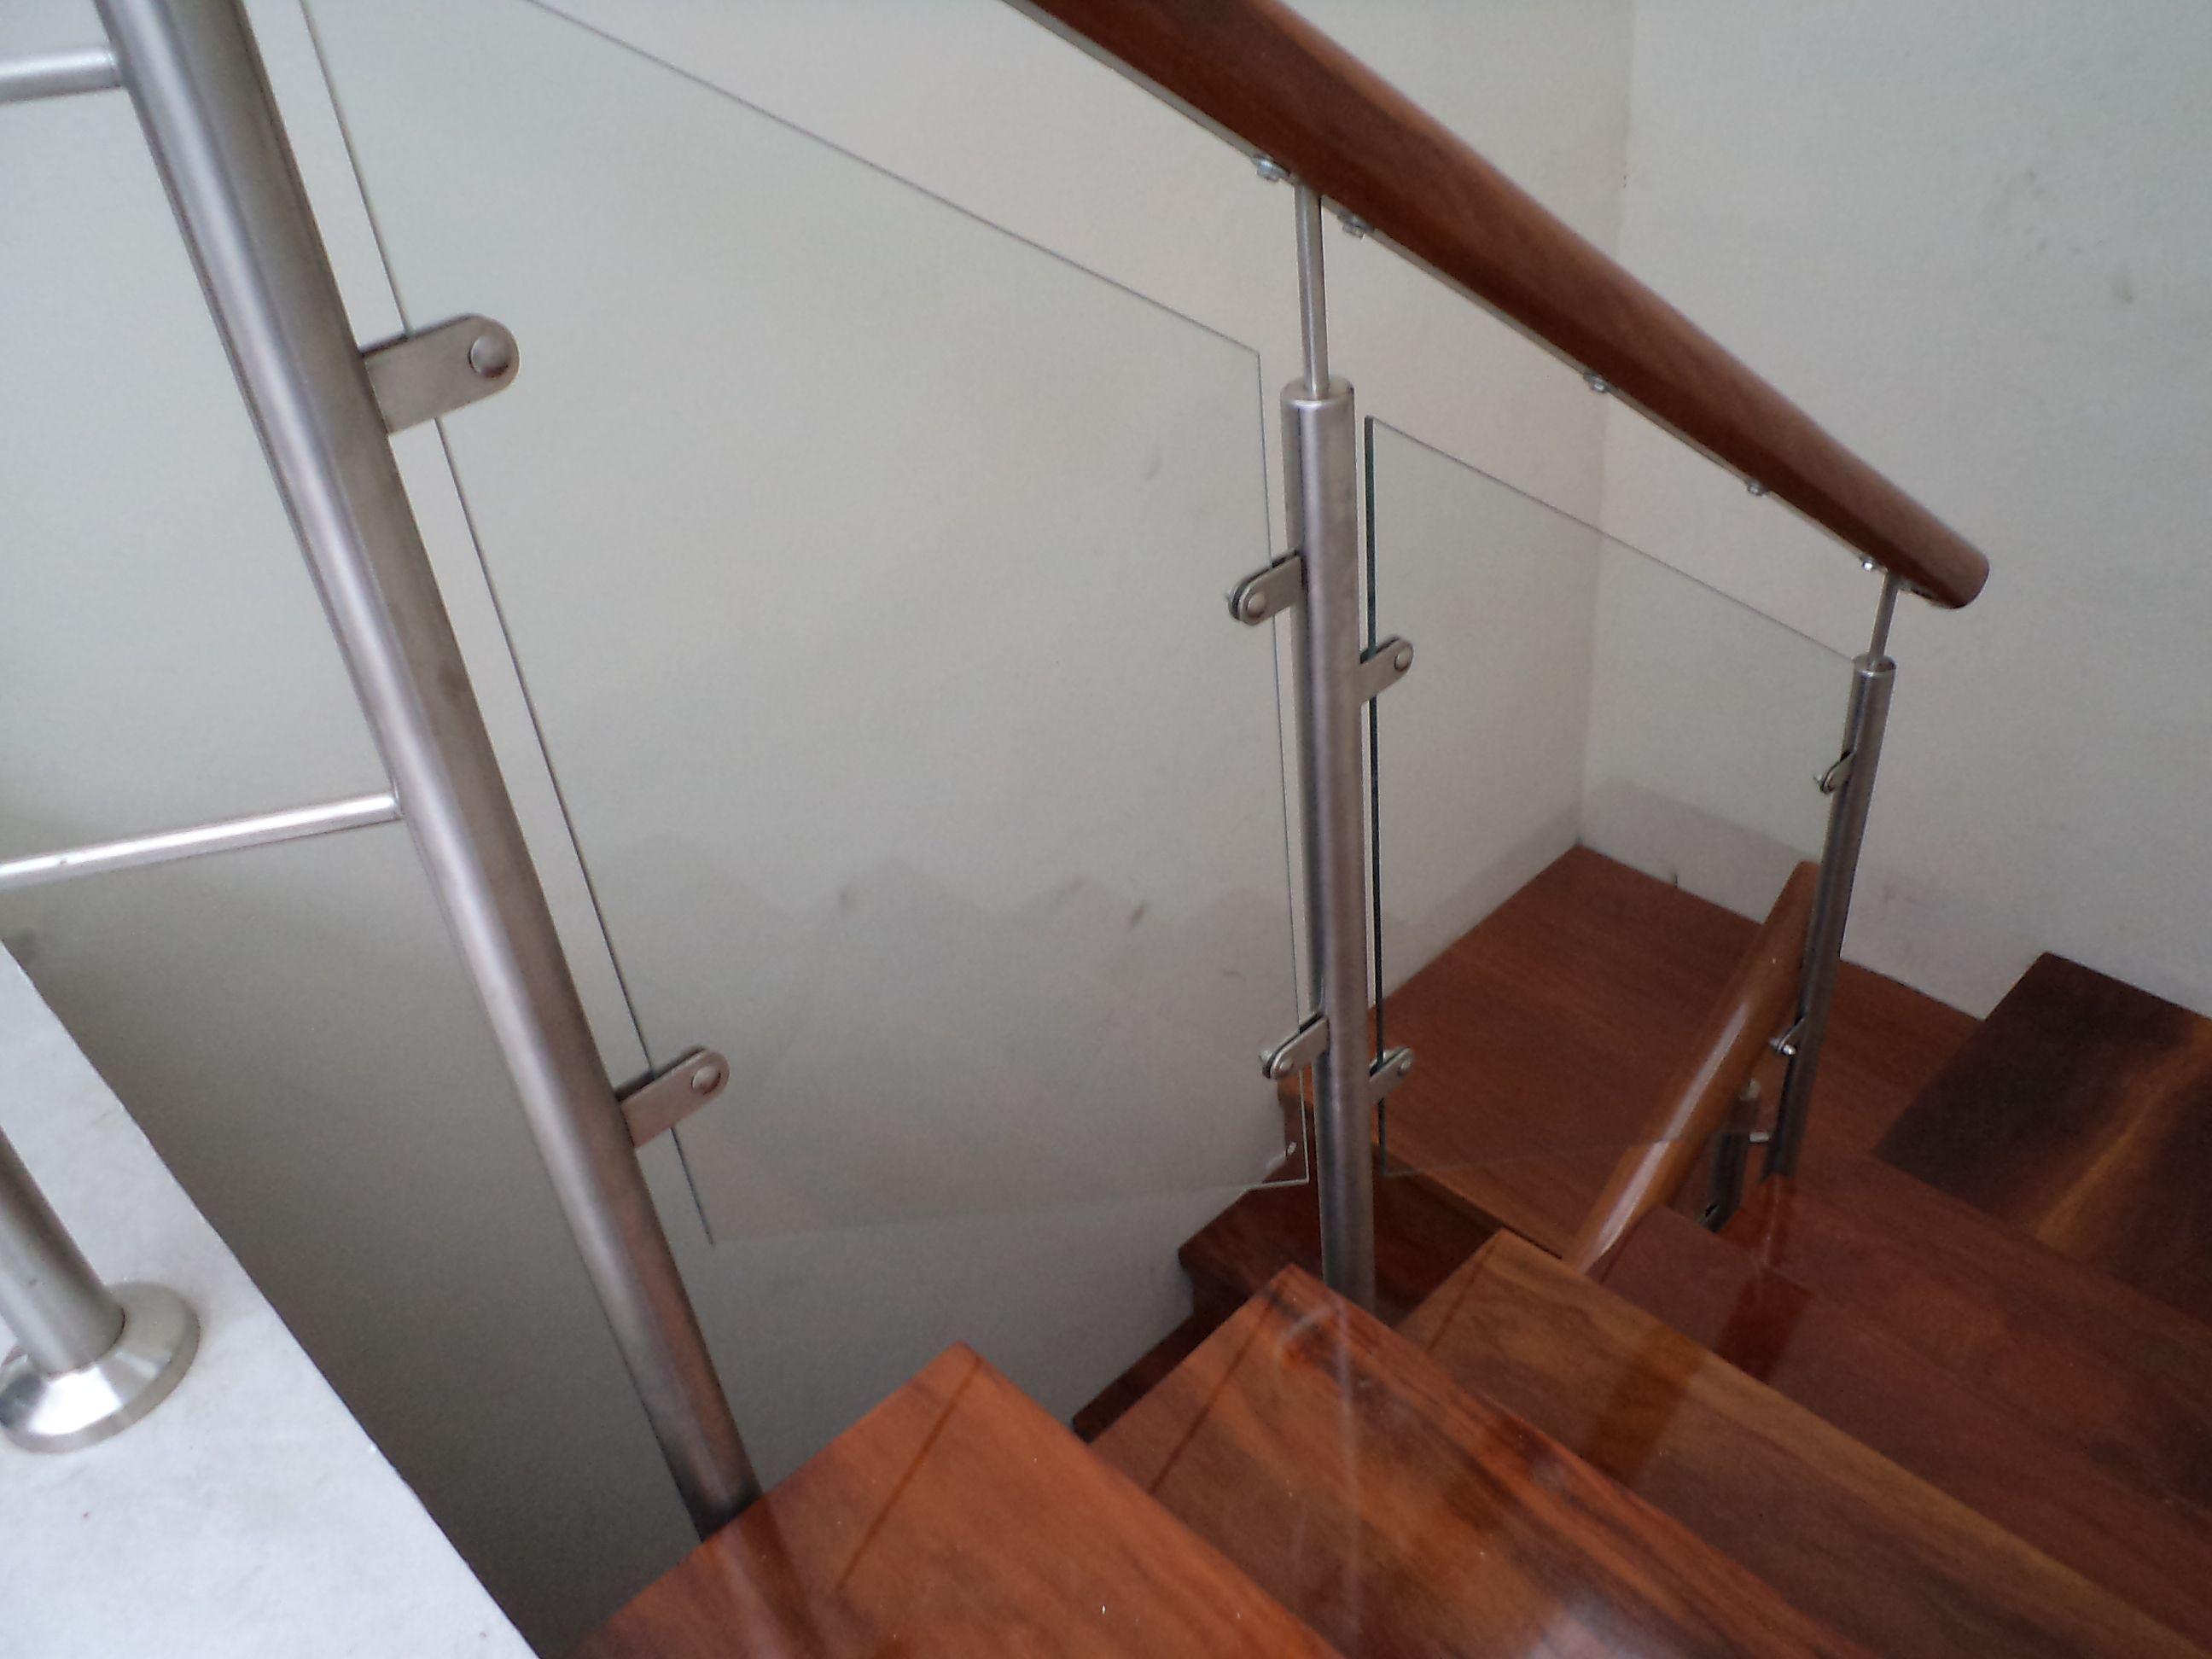 Escalera de acero inoxidable pasos y contrapasos de for Escalera de madera 5 pasos